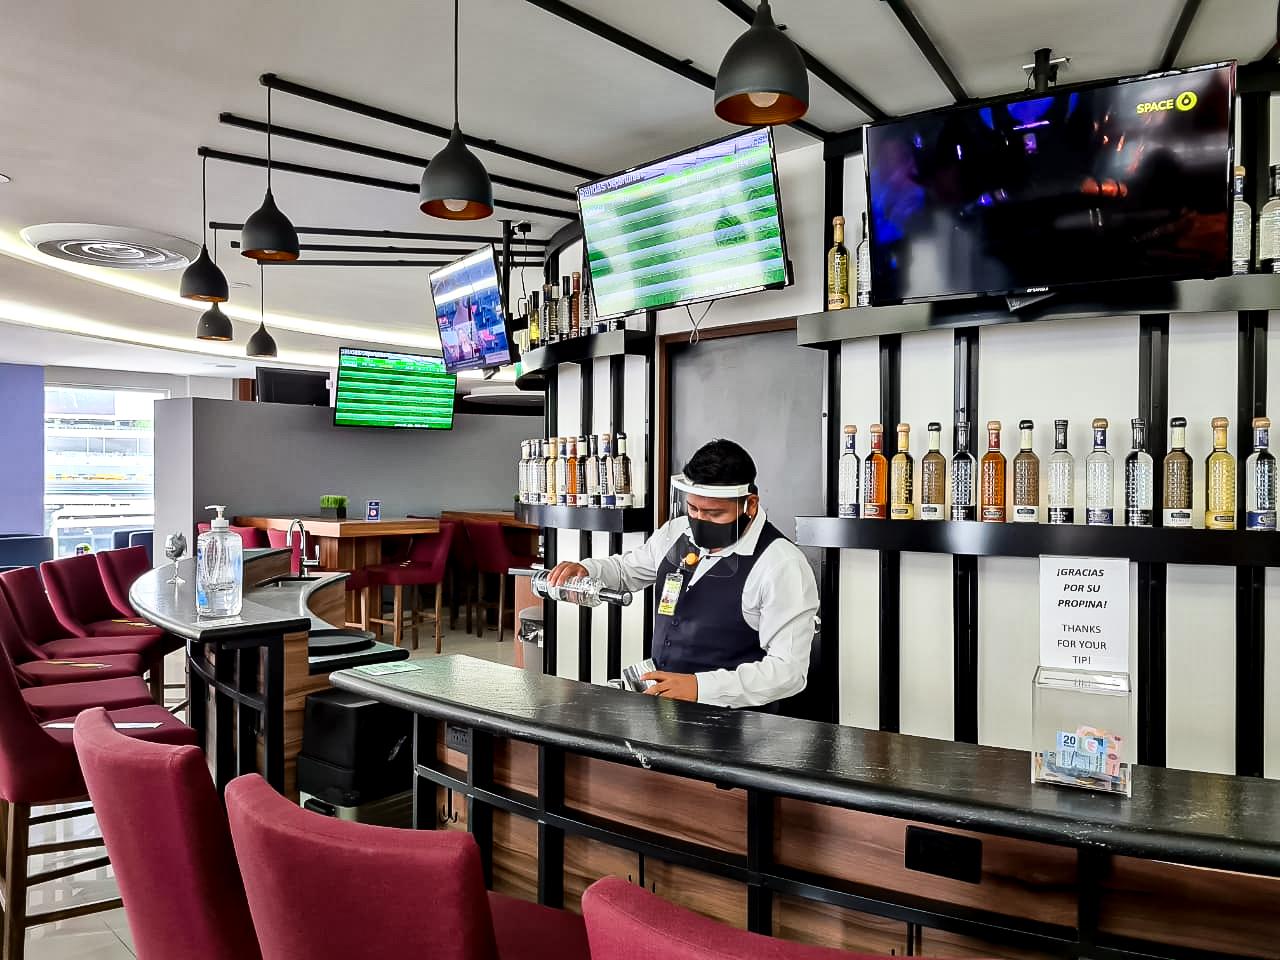 10-viport-lounges-cdmx